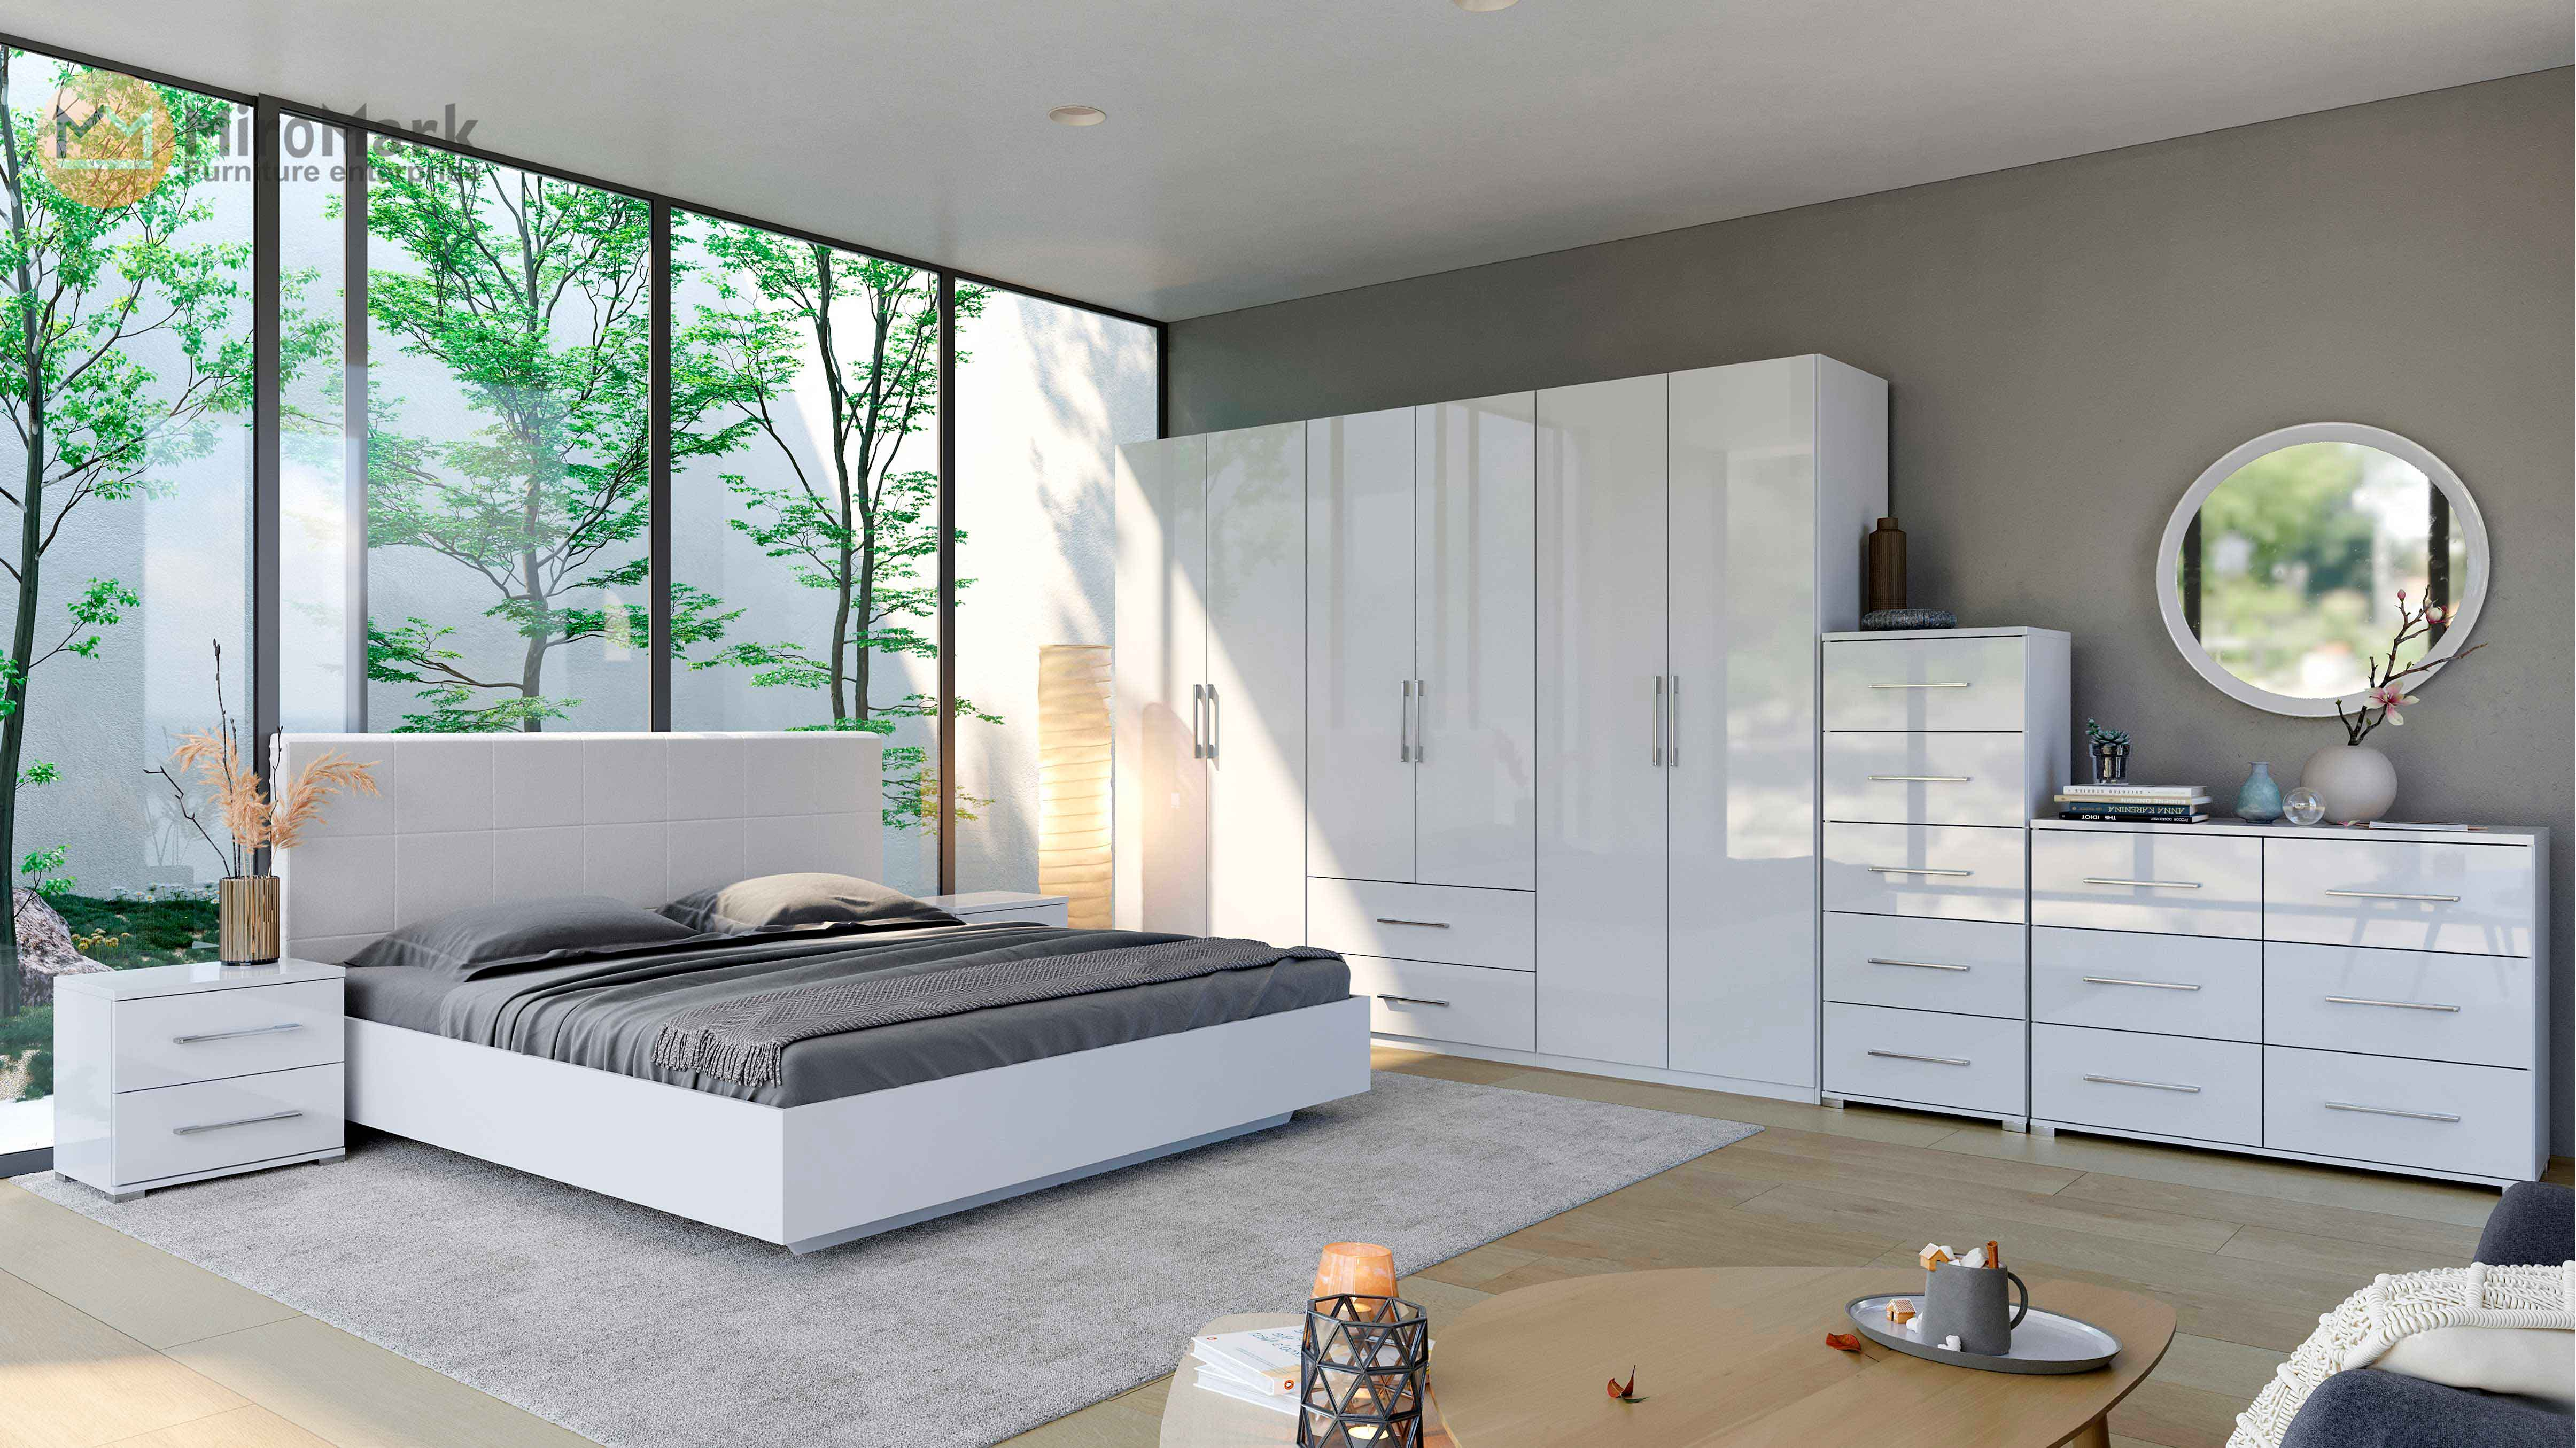 Family спальня